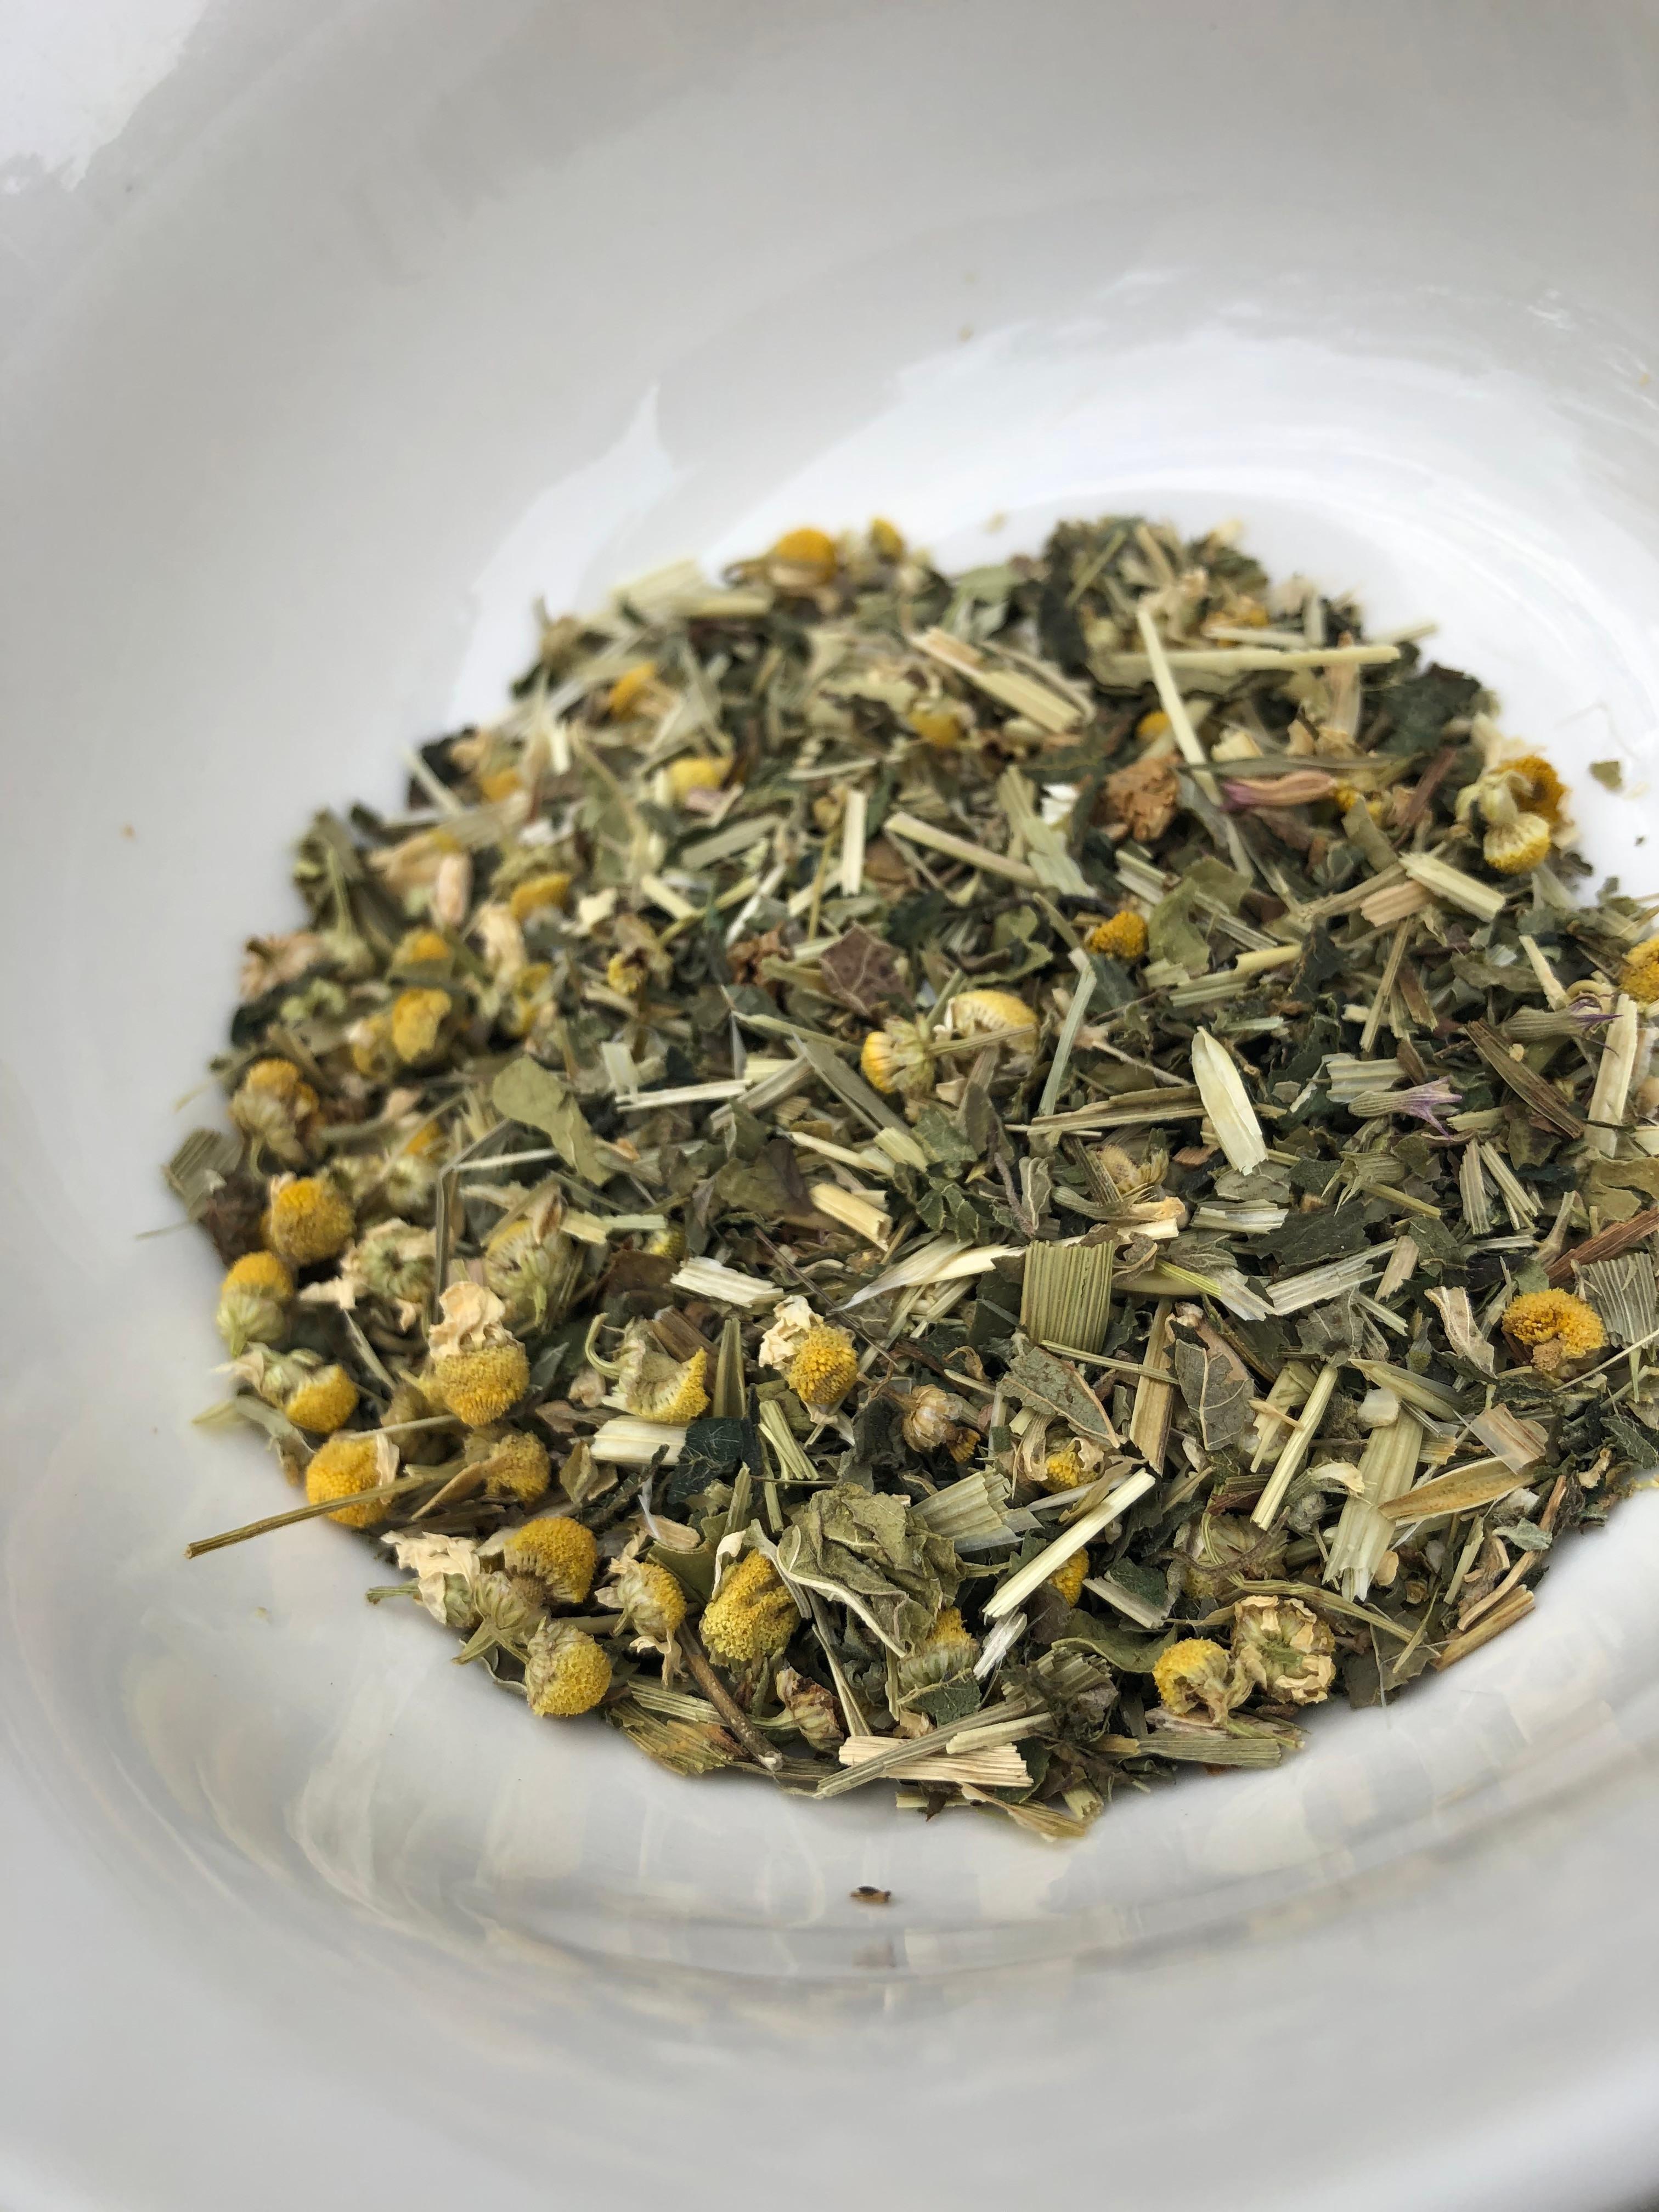 Personal Intuitive Medicinal Tea Blend